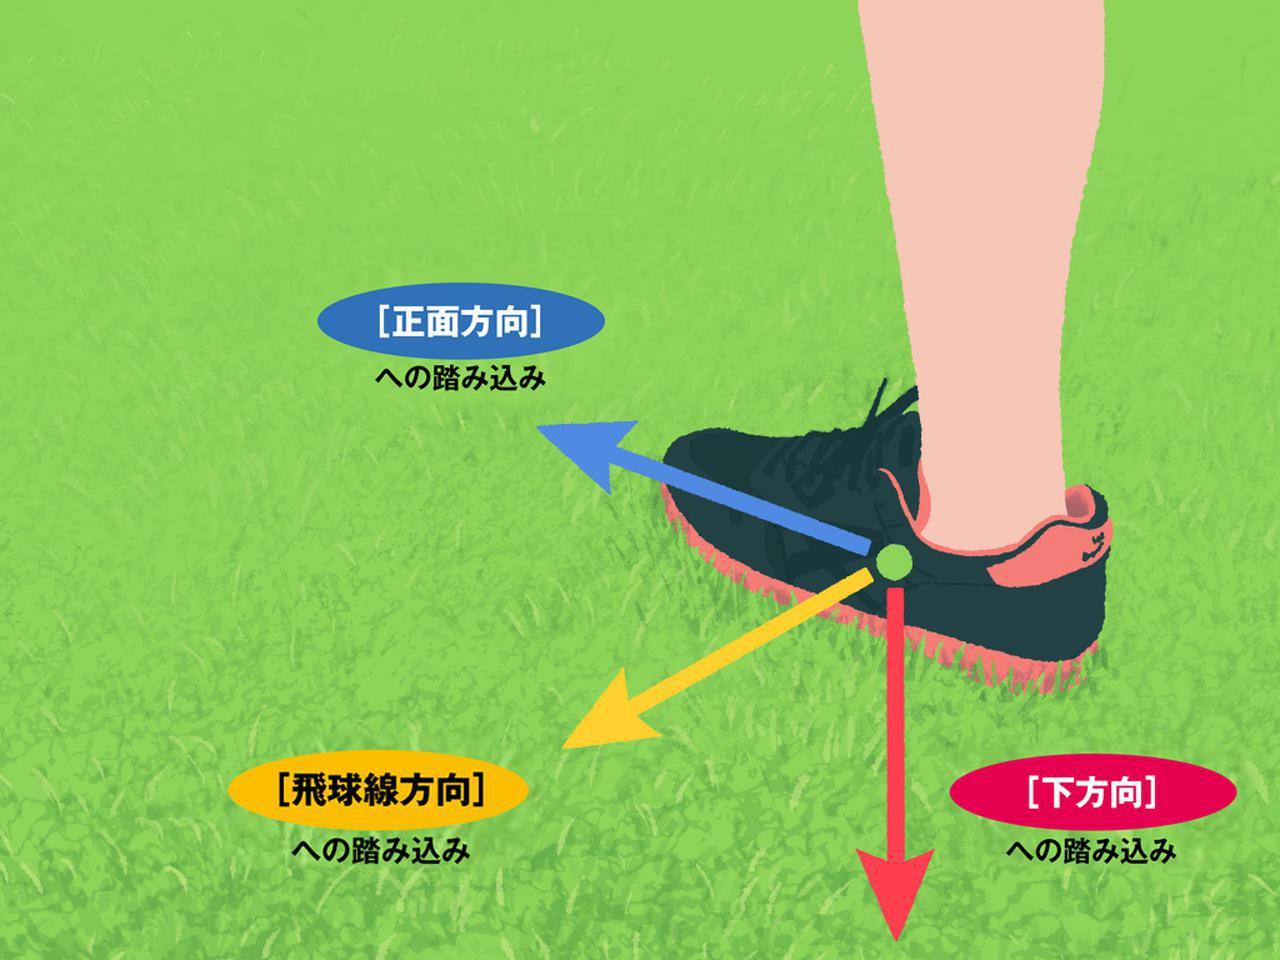 画像: 【通勤GD】Dr.クォンの反力打法 Vol.45 プッシュの方向は「下」「左」「前」 ゴルフダイジェストWEB